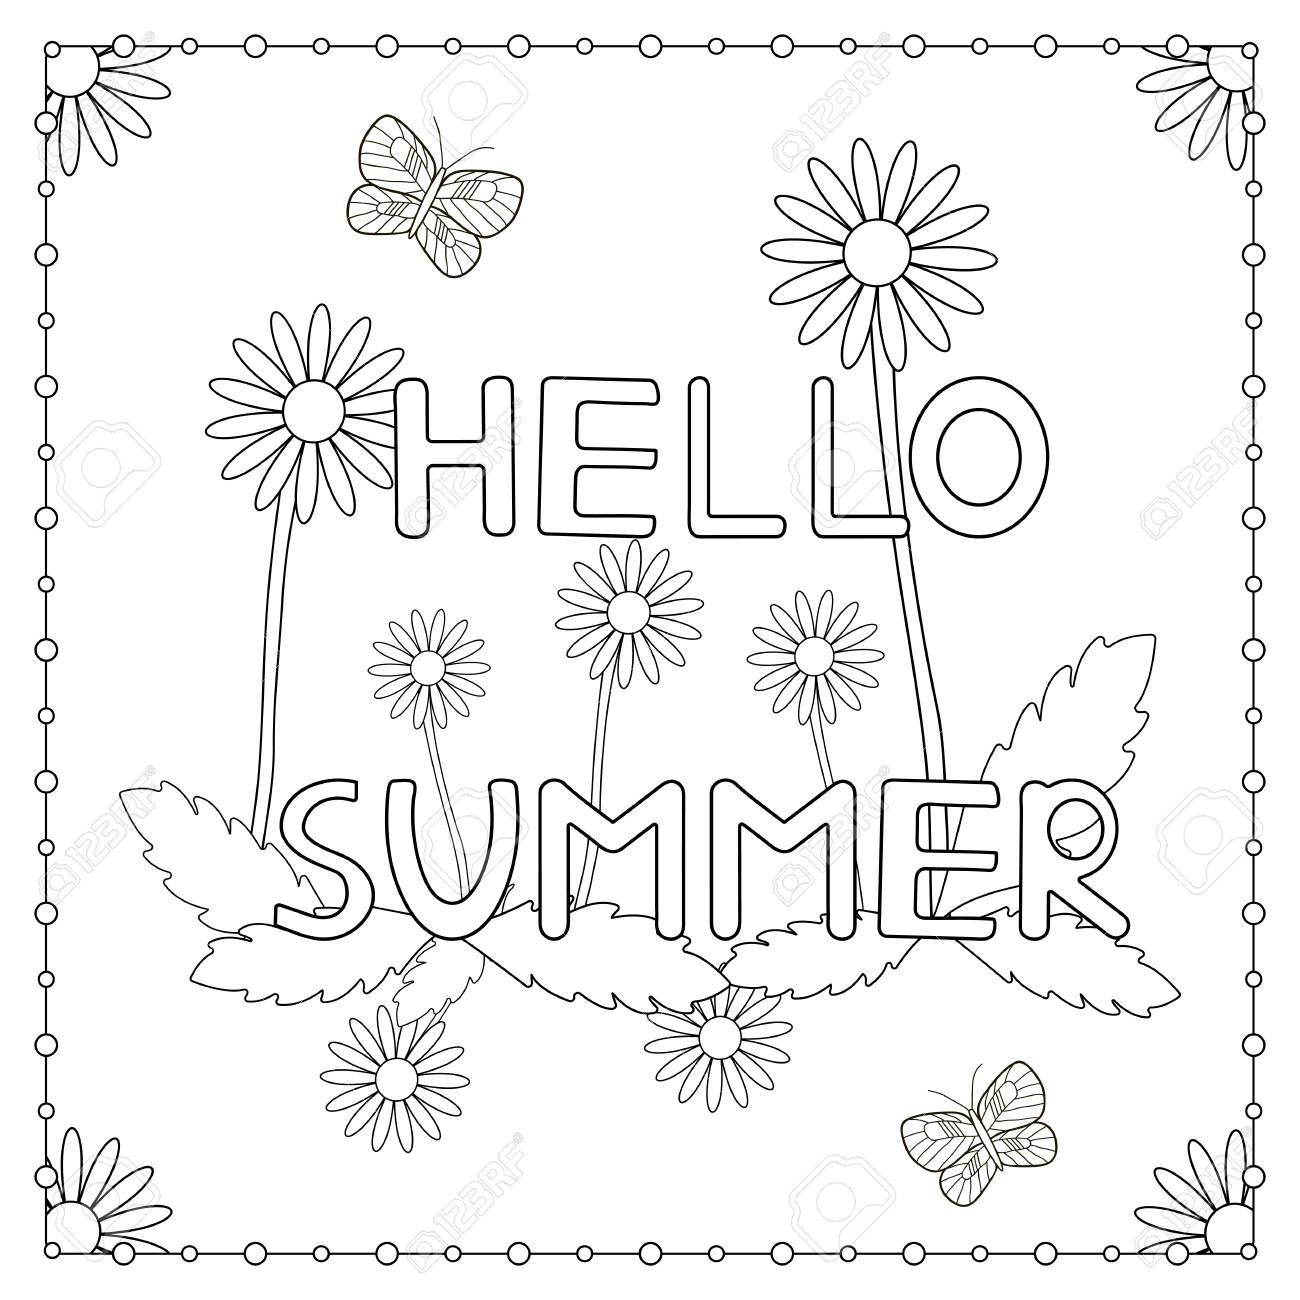 Página Para Colorir A Frase Olá Verão Com Flores E Borboletas Ilustração Vetorial